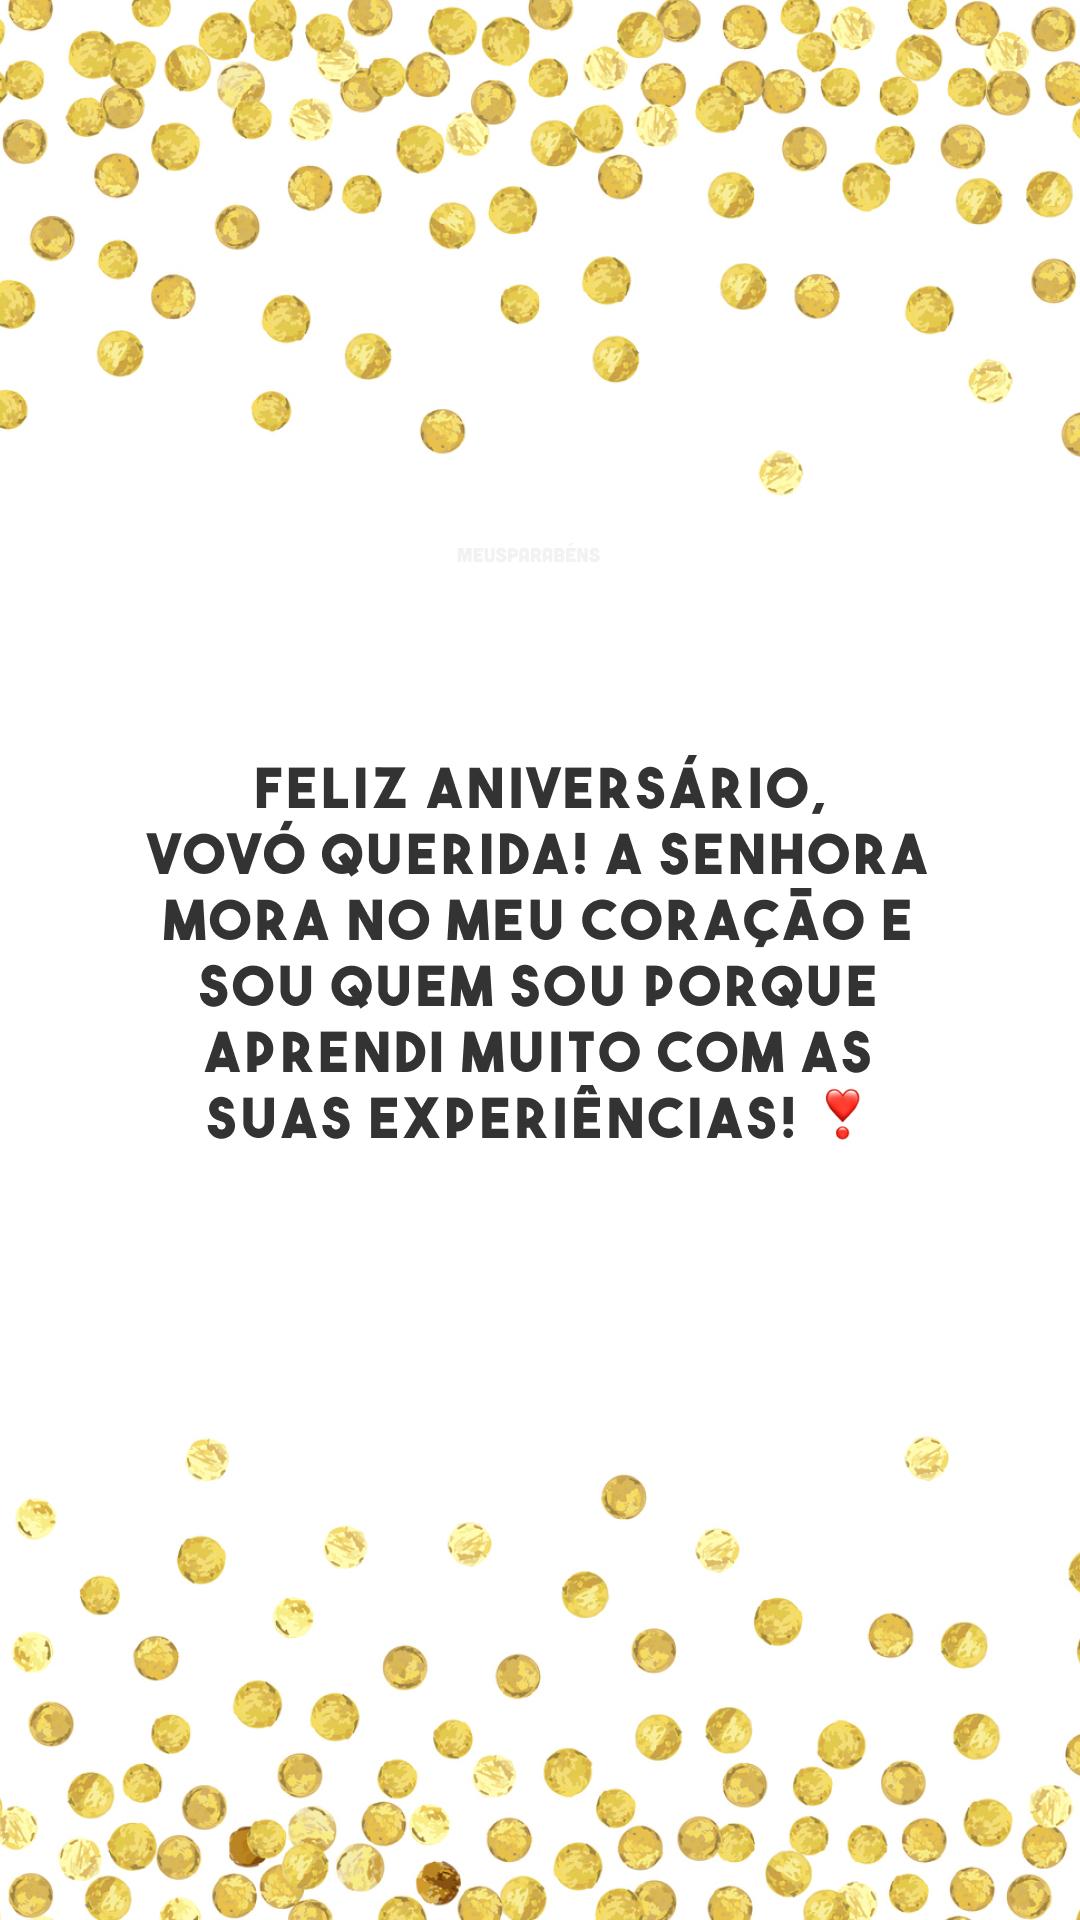 Feliz aniversário, vovó querida! A senhora mora no meu coração e sou quem sou porque aprendi muito com as suas experiências! ❣️